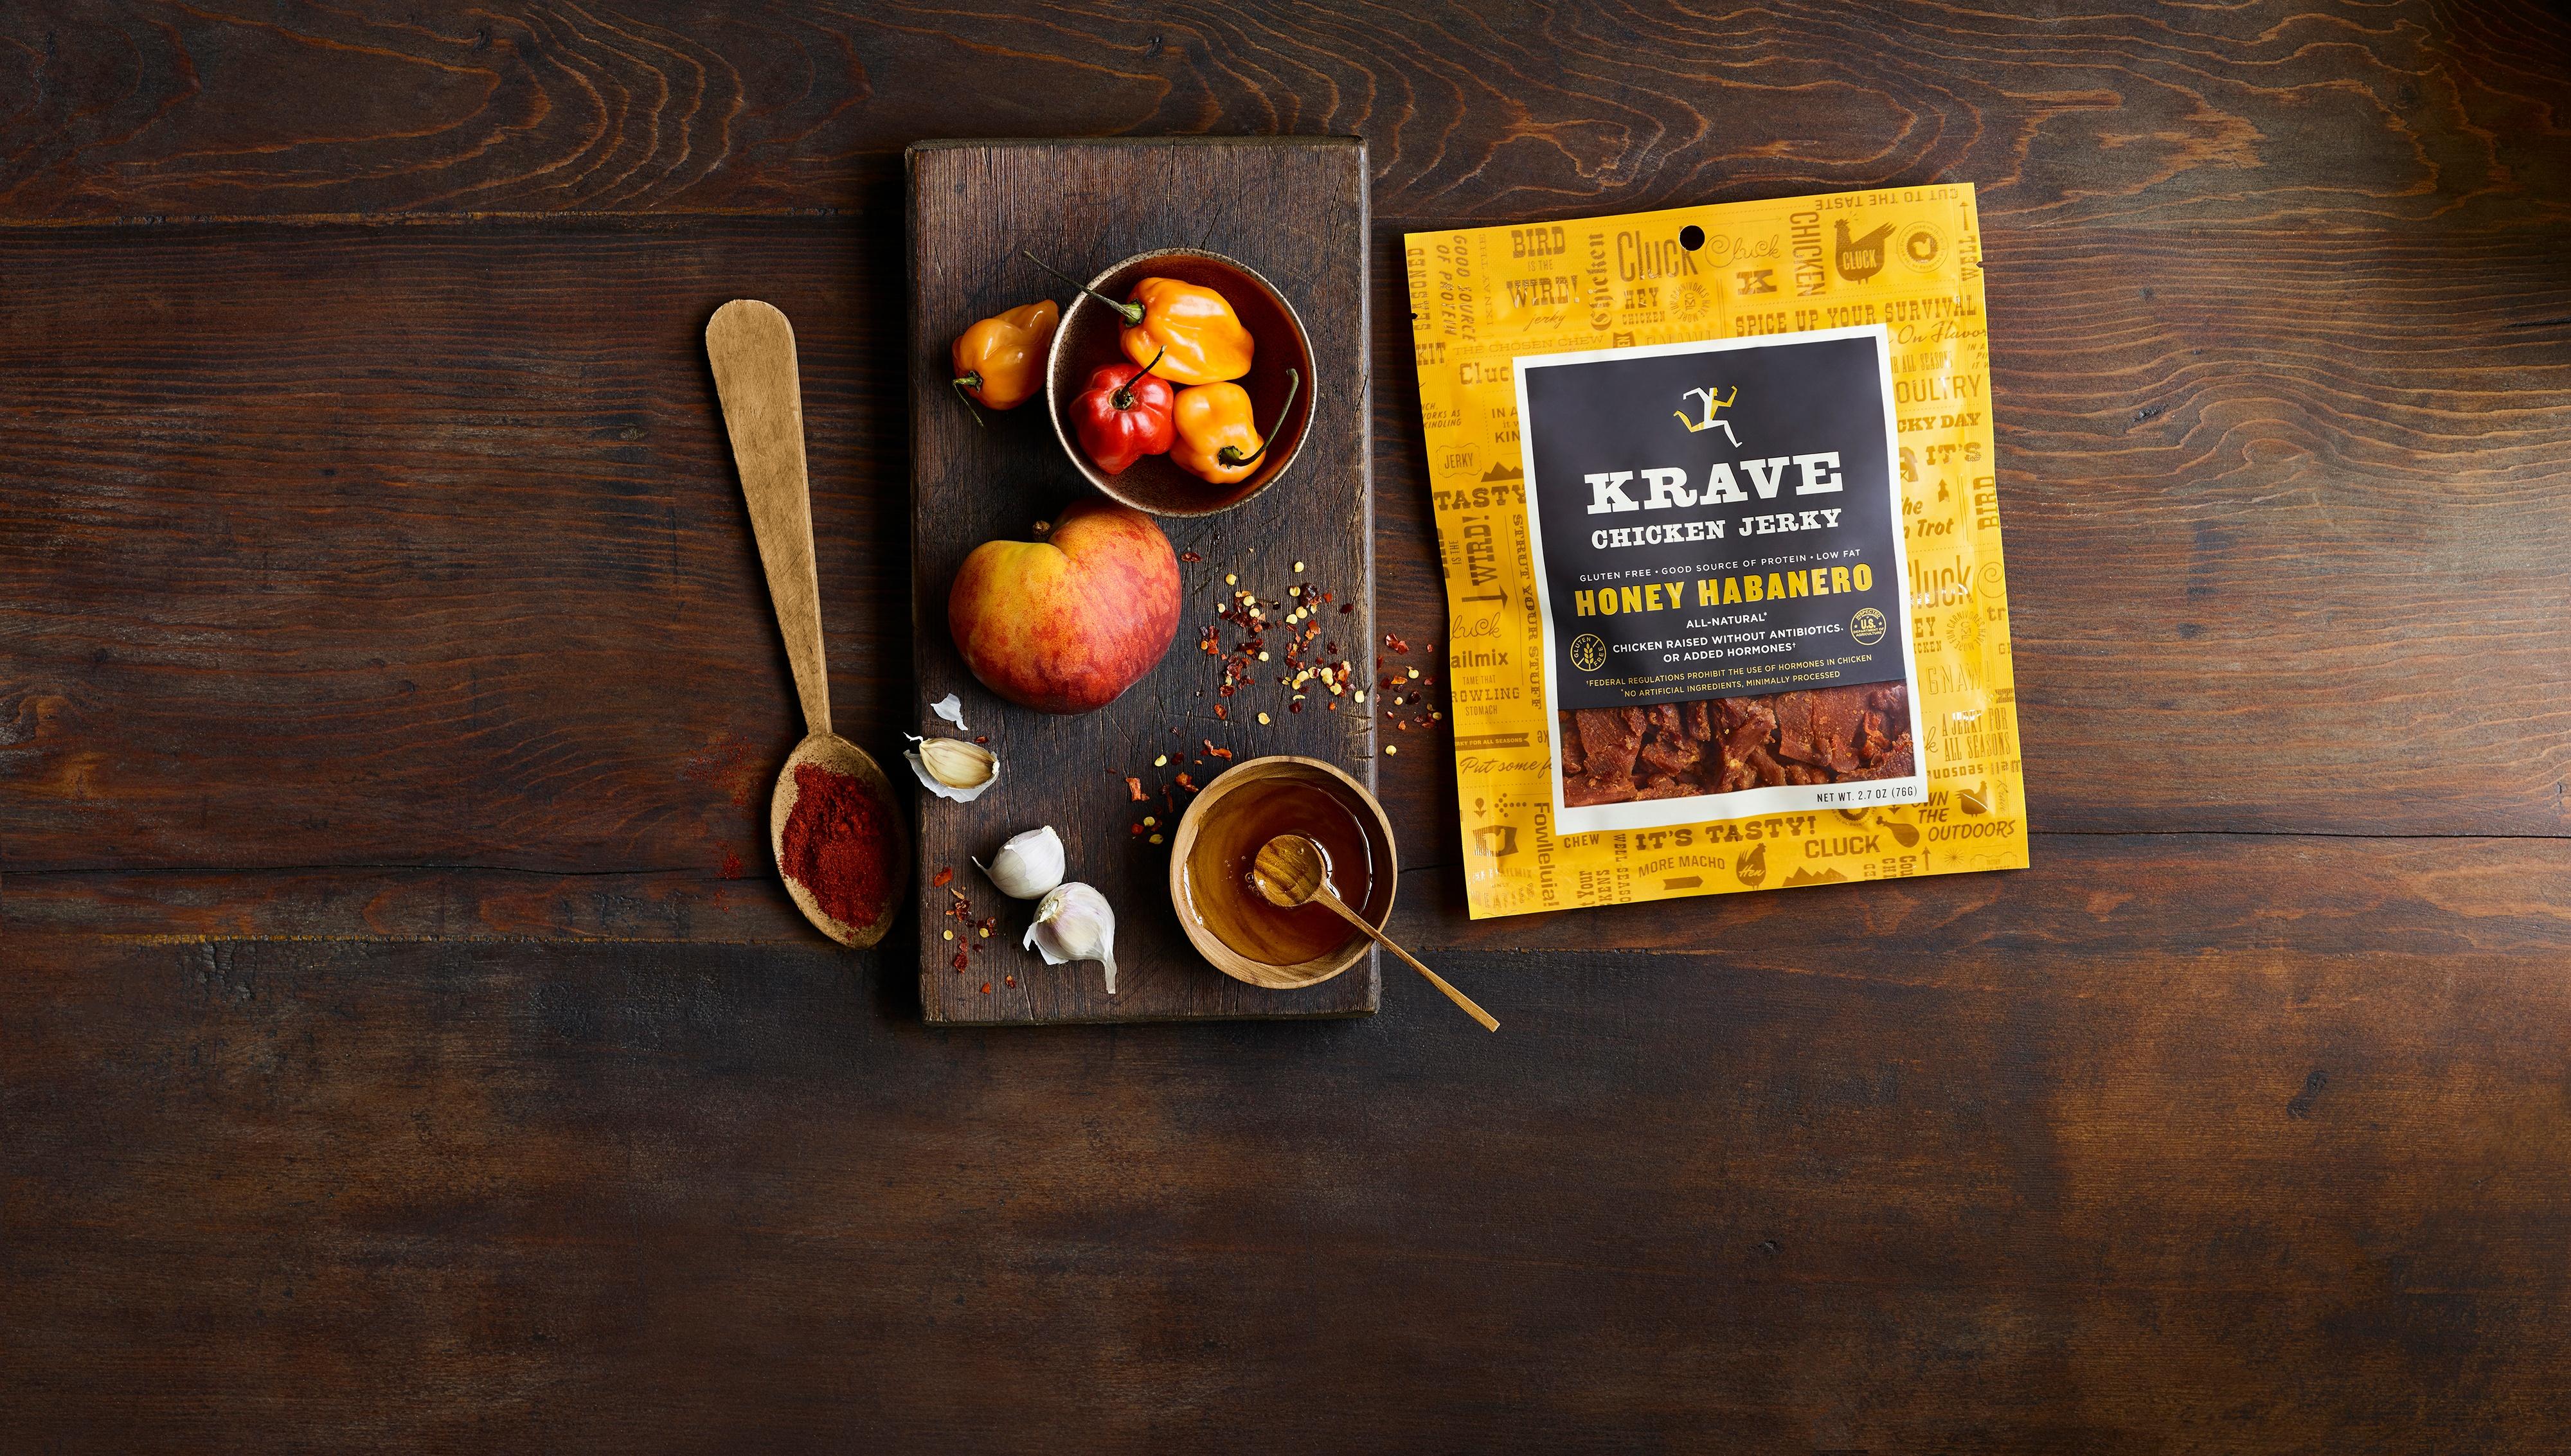 Krave_HoneyHabeneroChicken_IngredientsBag_V1.jpg